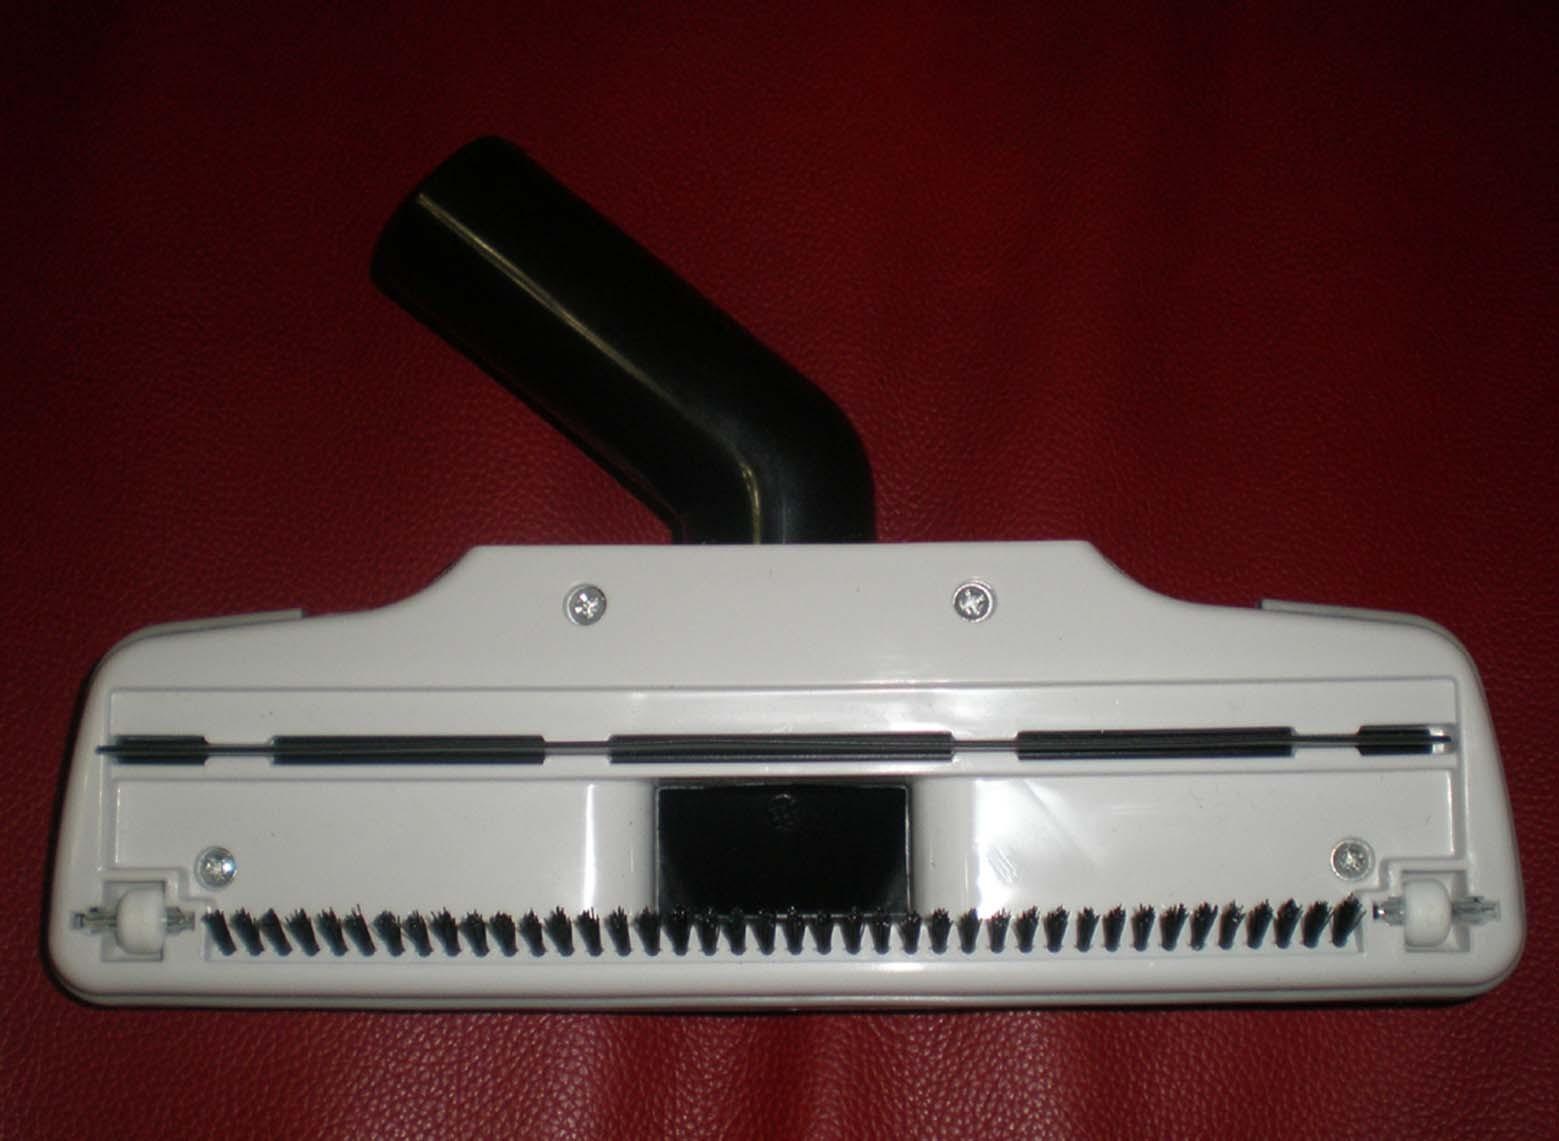 Аксессуары для пылесоса Panasonic  31mm аксессуары для пылесоса sanyo 1400ar bsc wd95 wd90 wd80